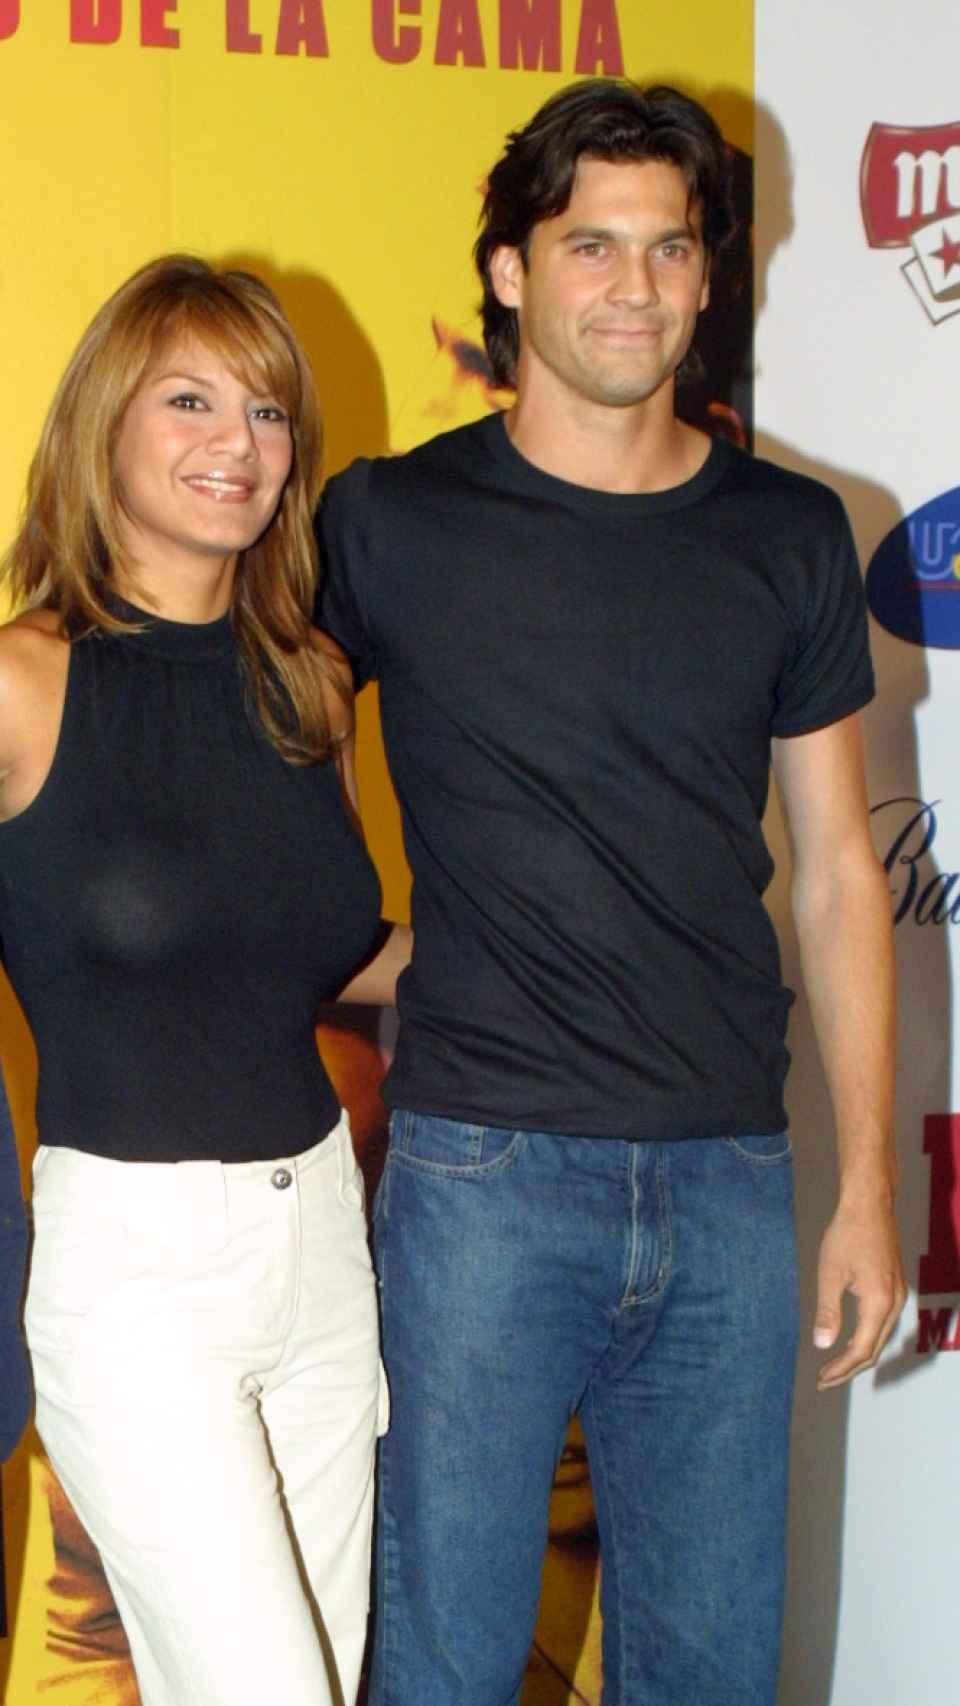 Santiago Solari con Ivonne Reyes en el año 2003.